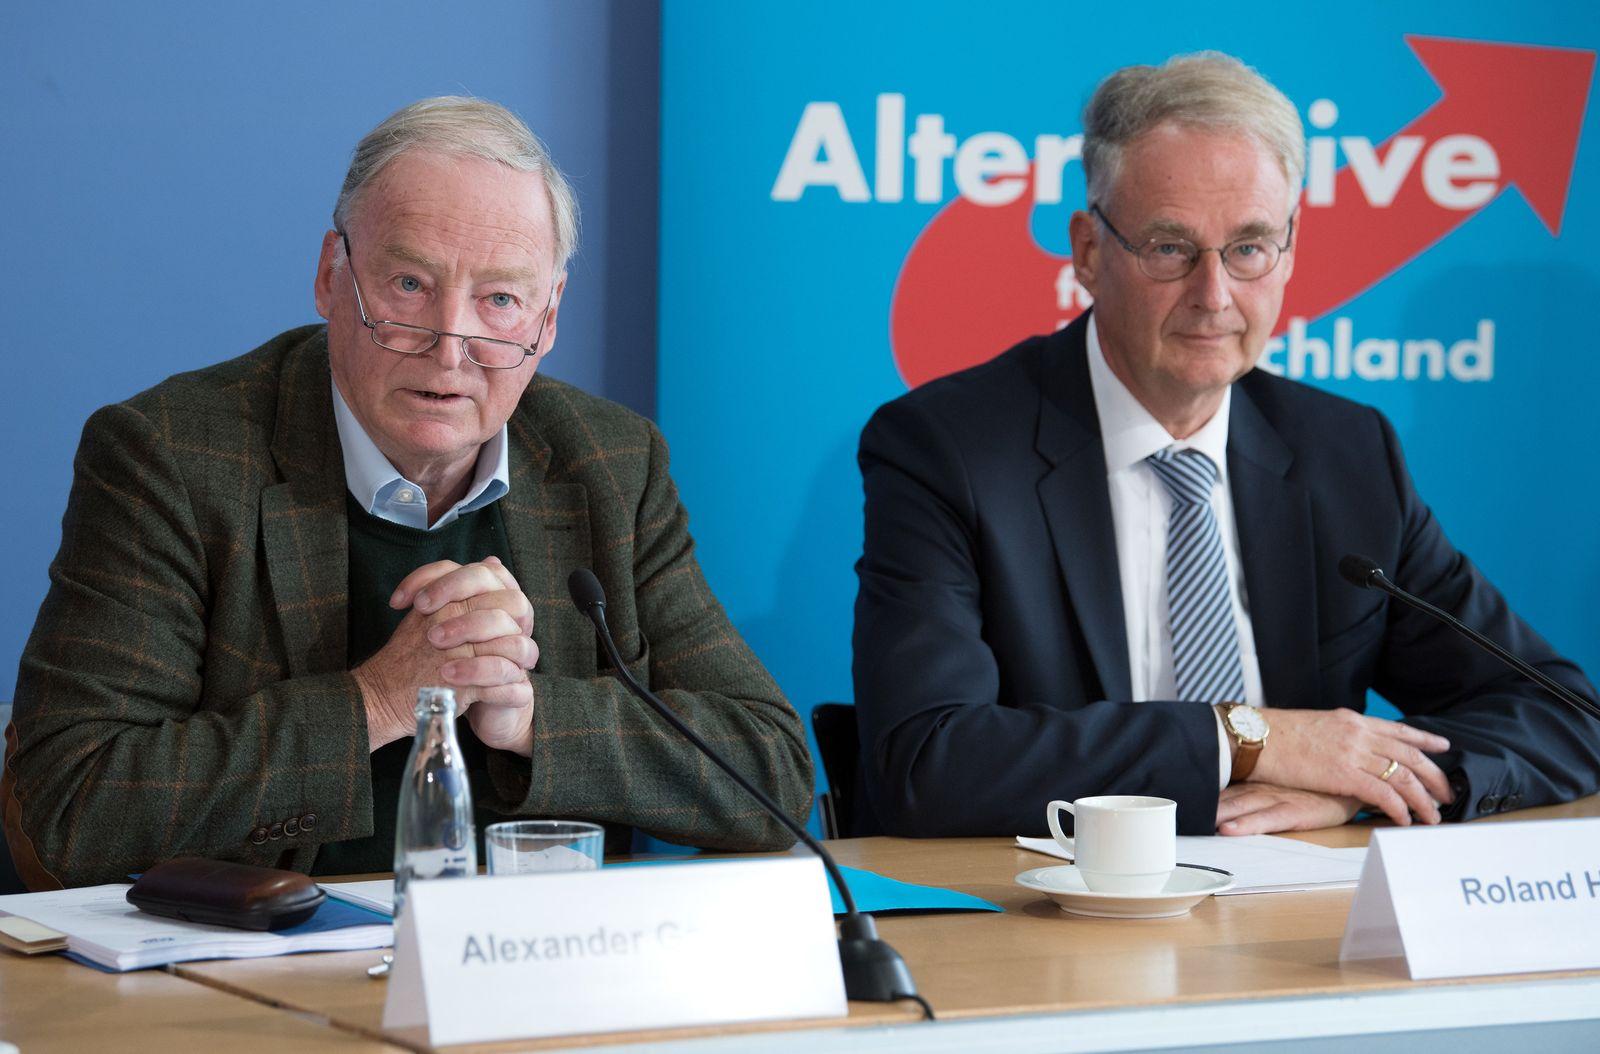 Pressekonferenz der AfD